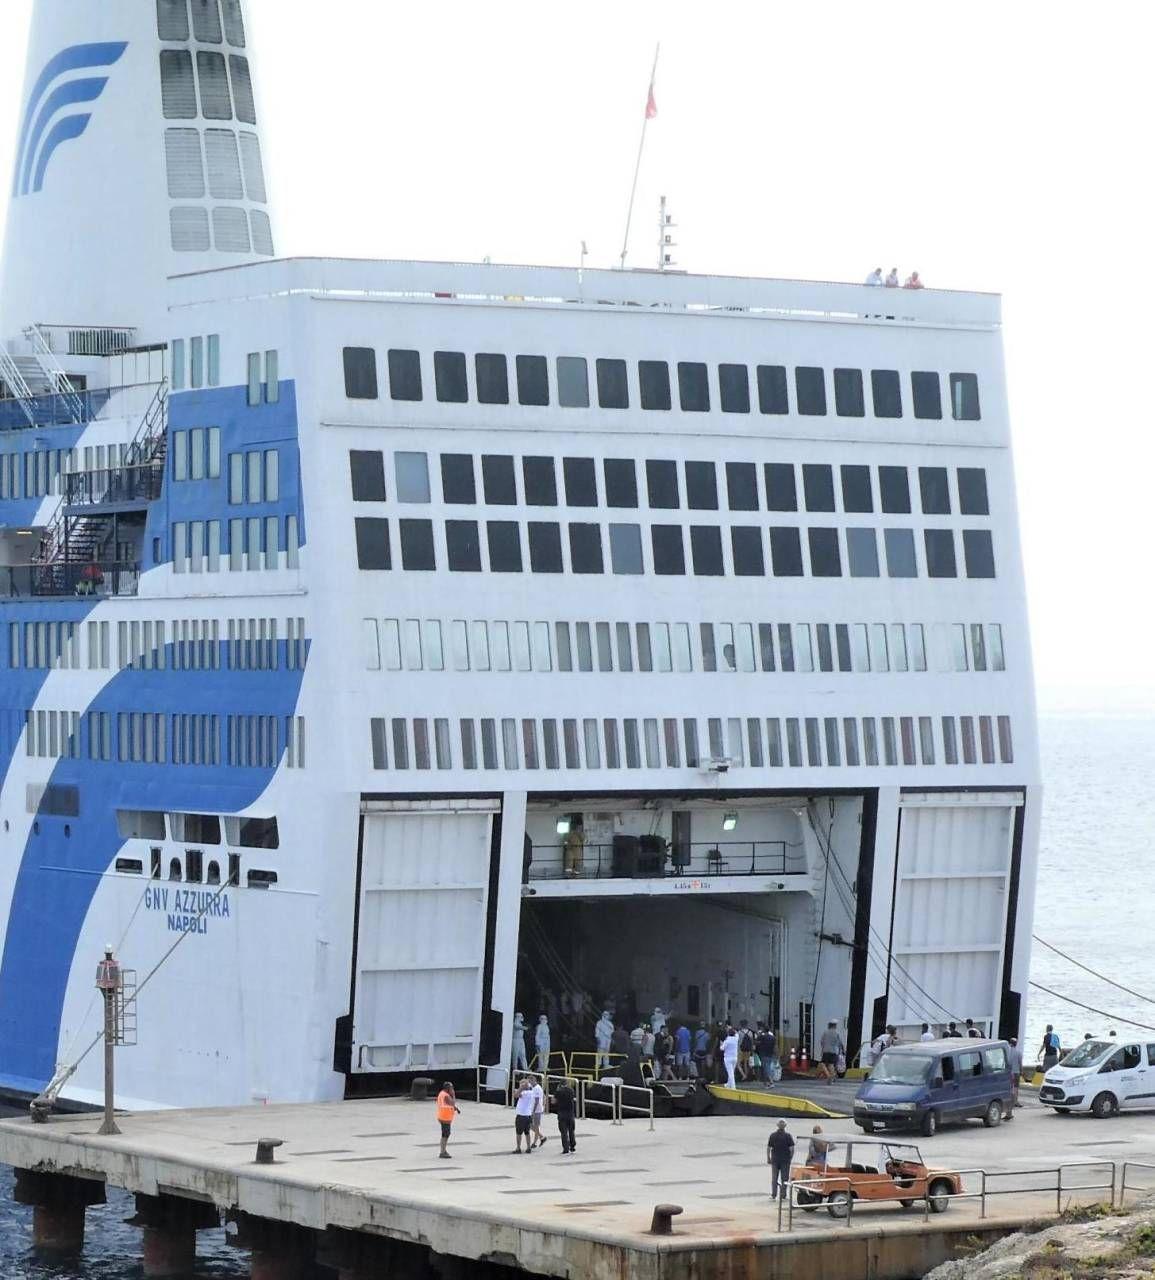 La nave quarantena Gnv Azzurra per il trasferimento dei migranti ospiti del centro di accoglienza di Lampedusa